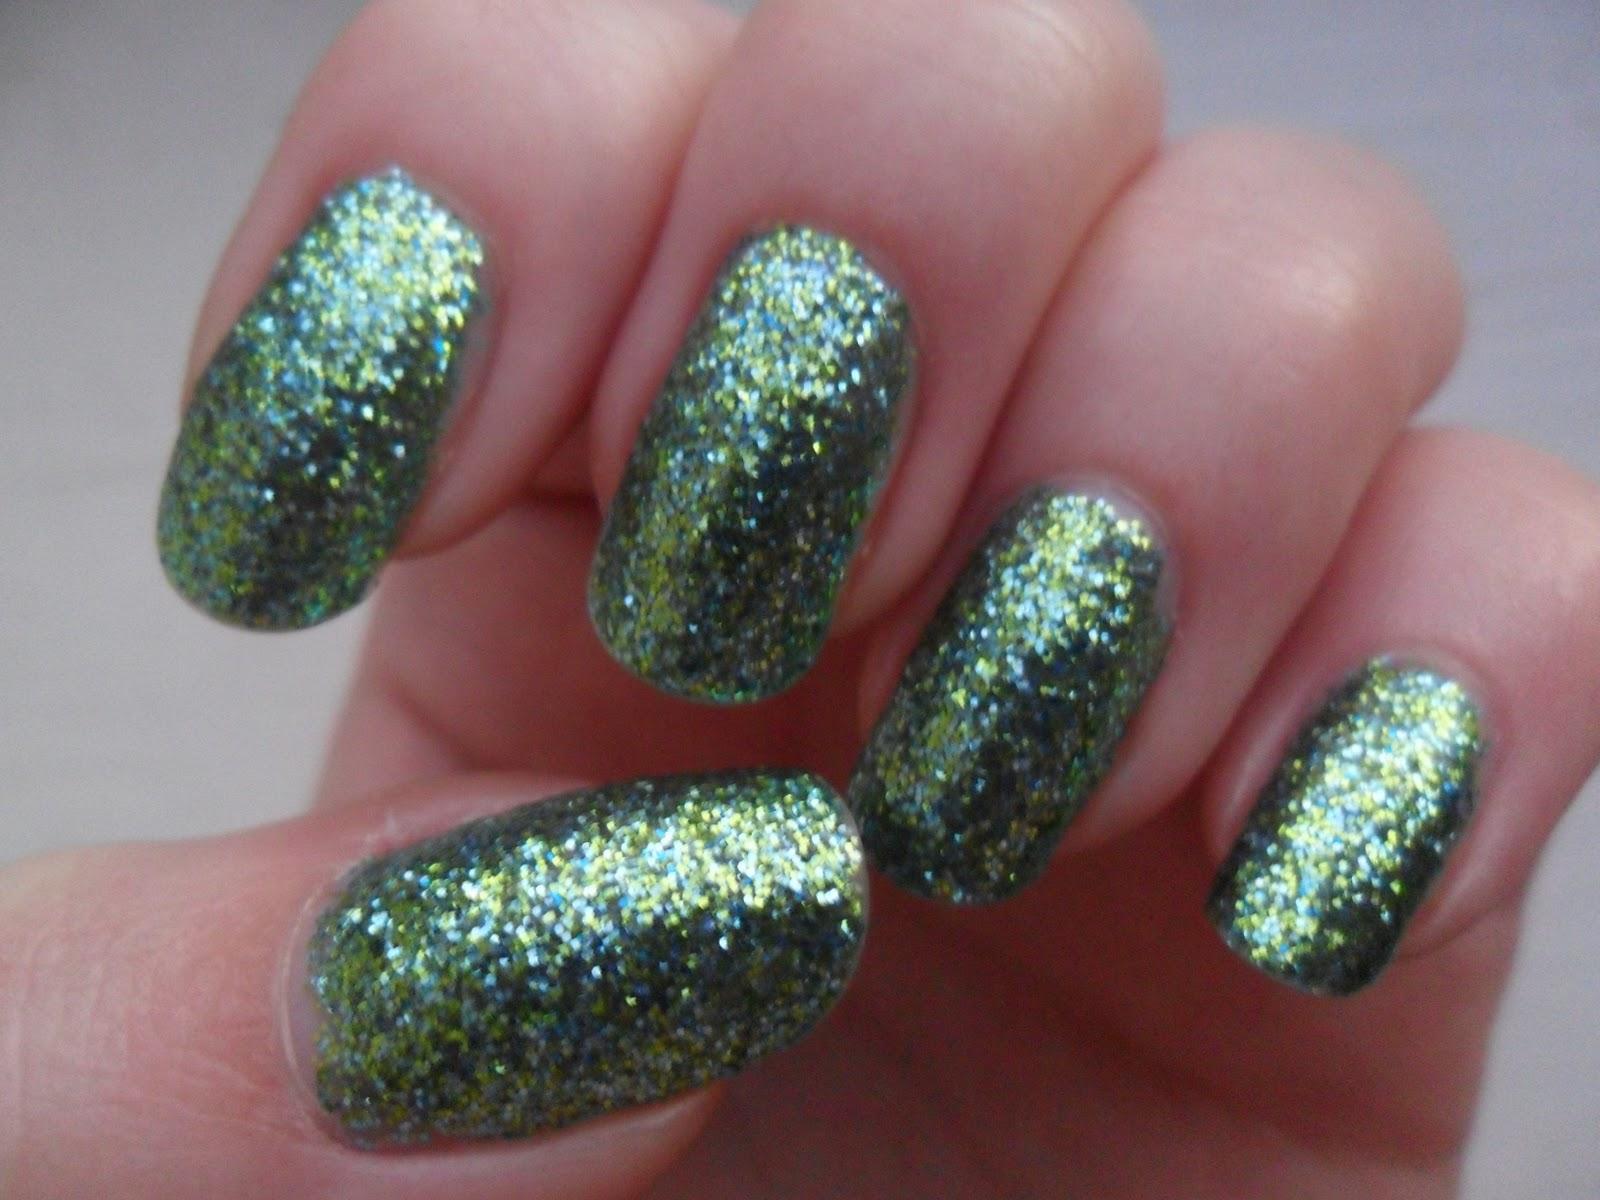 The Woollen Mitten: W7 green dazzle glitter varnish swatch